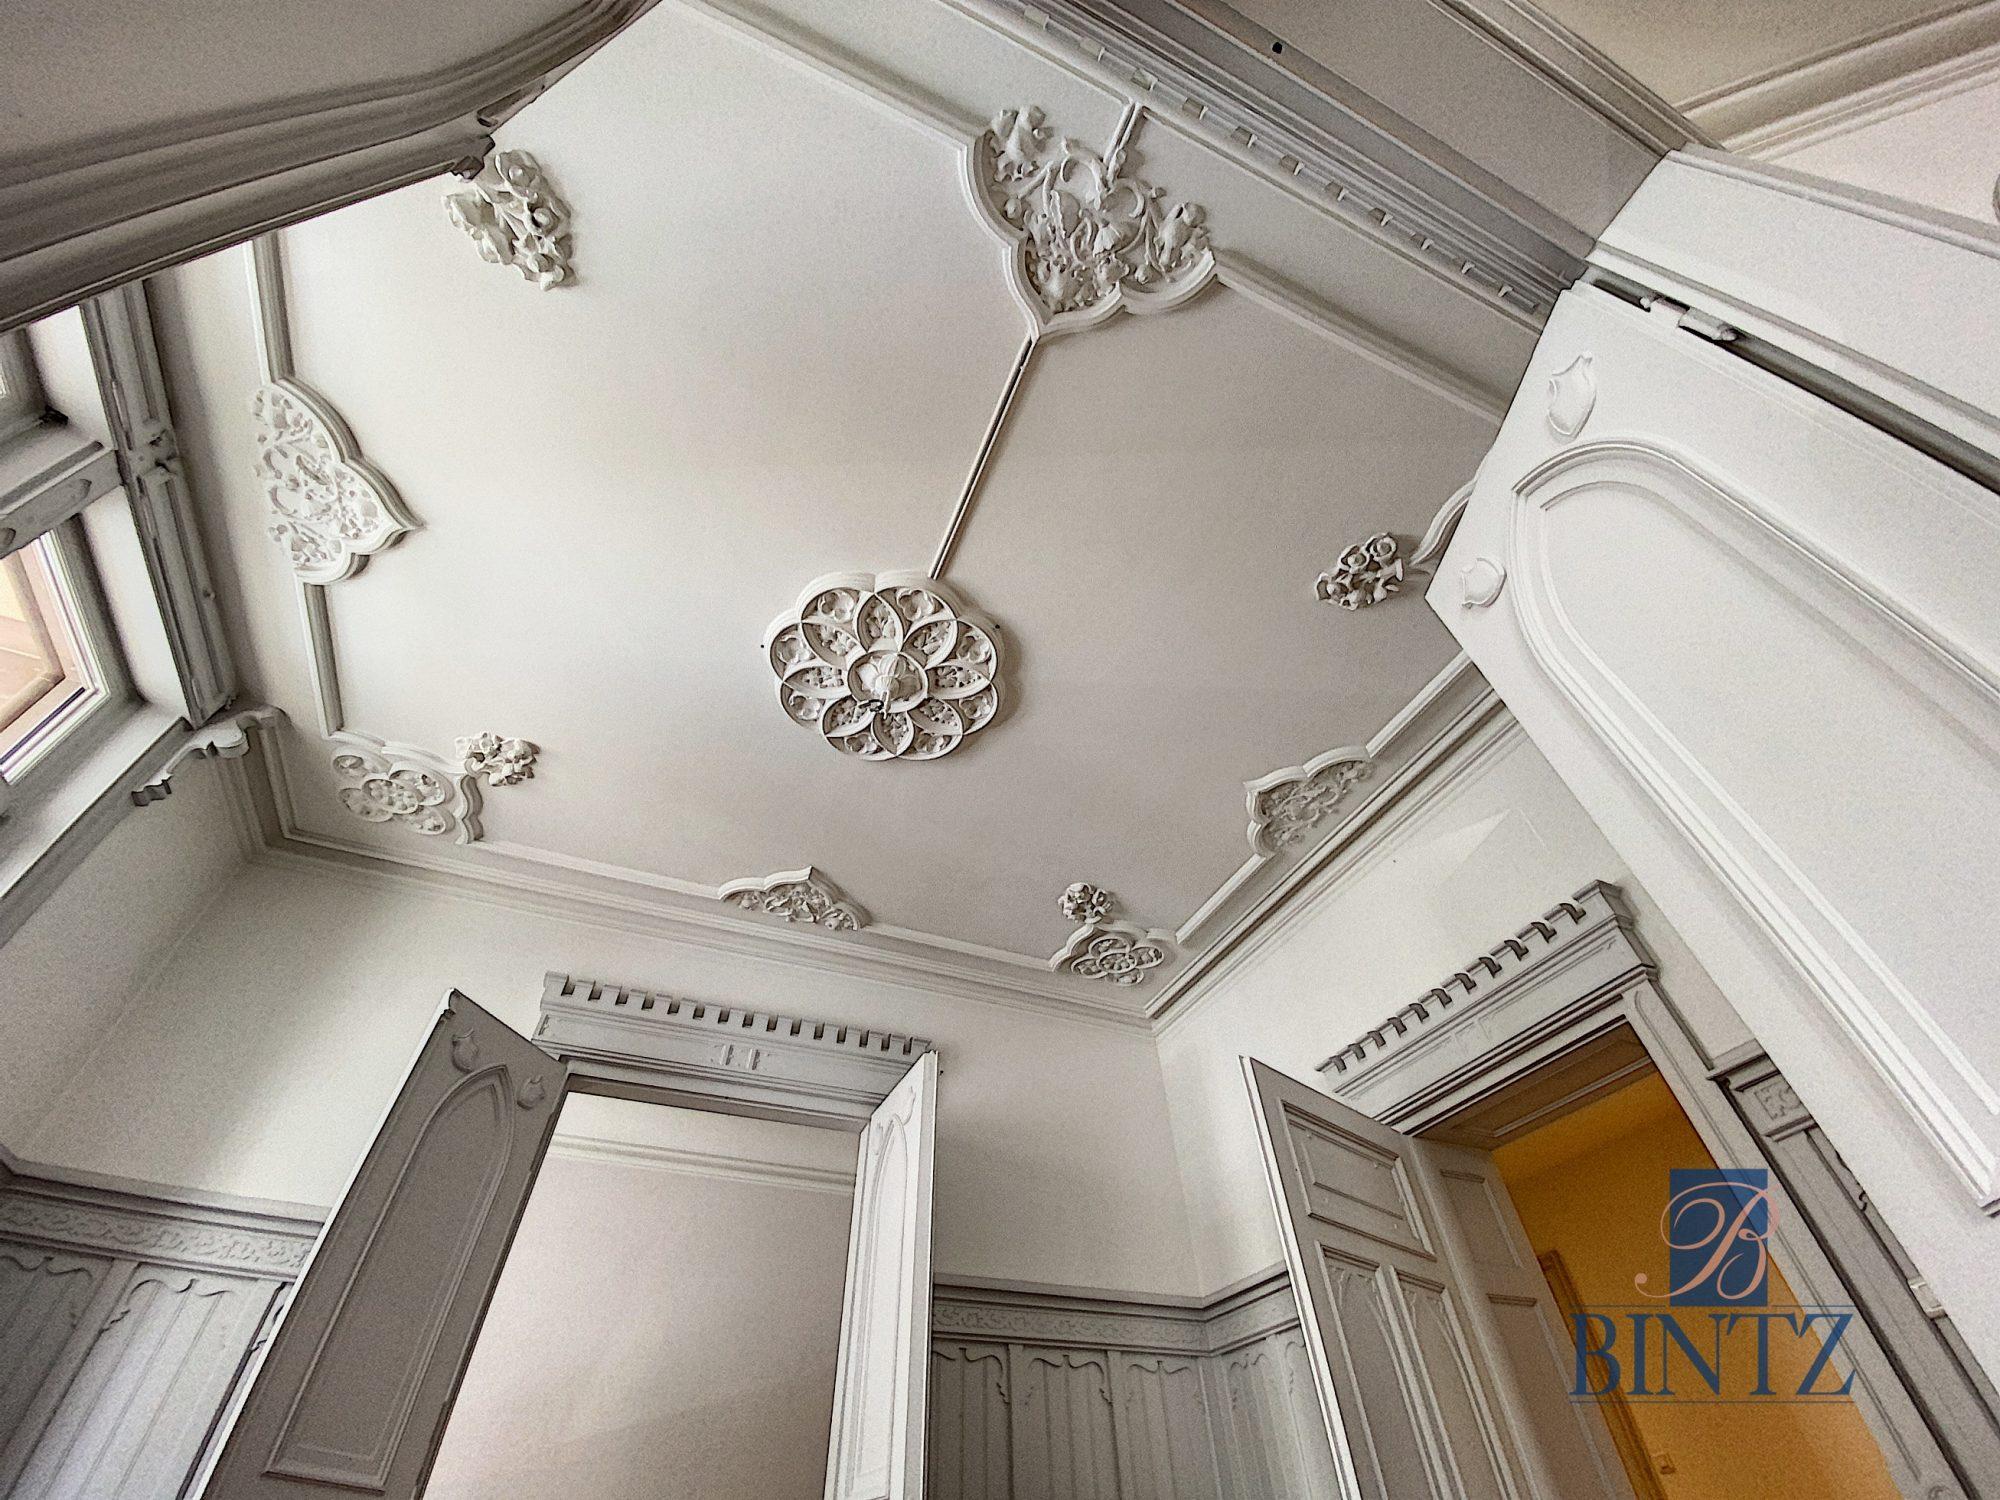 Magnifique 6 pièces de 164m2 Quartier Neustadt - Devenez propriétaire en toute confiance - Bintz Immobilier - 6